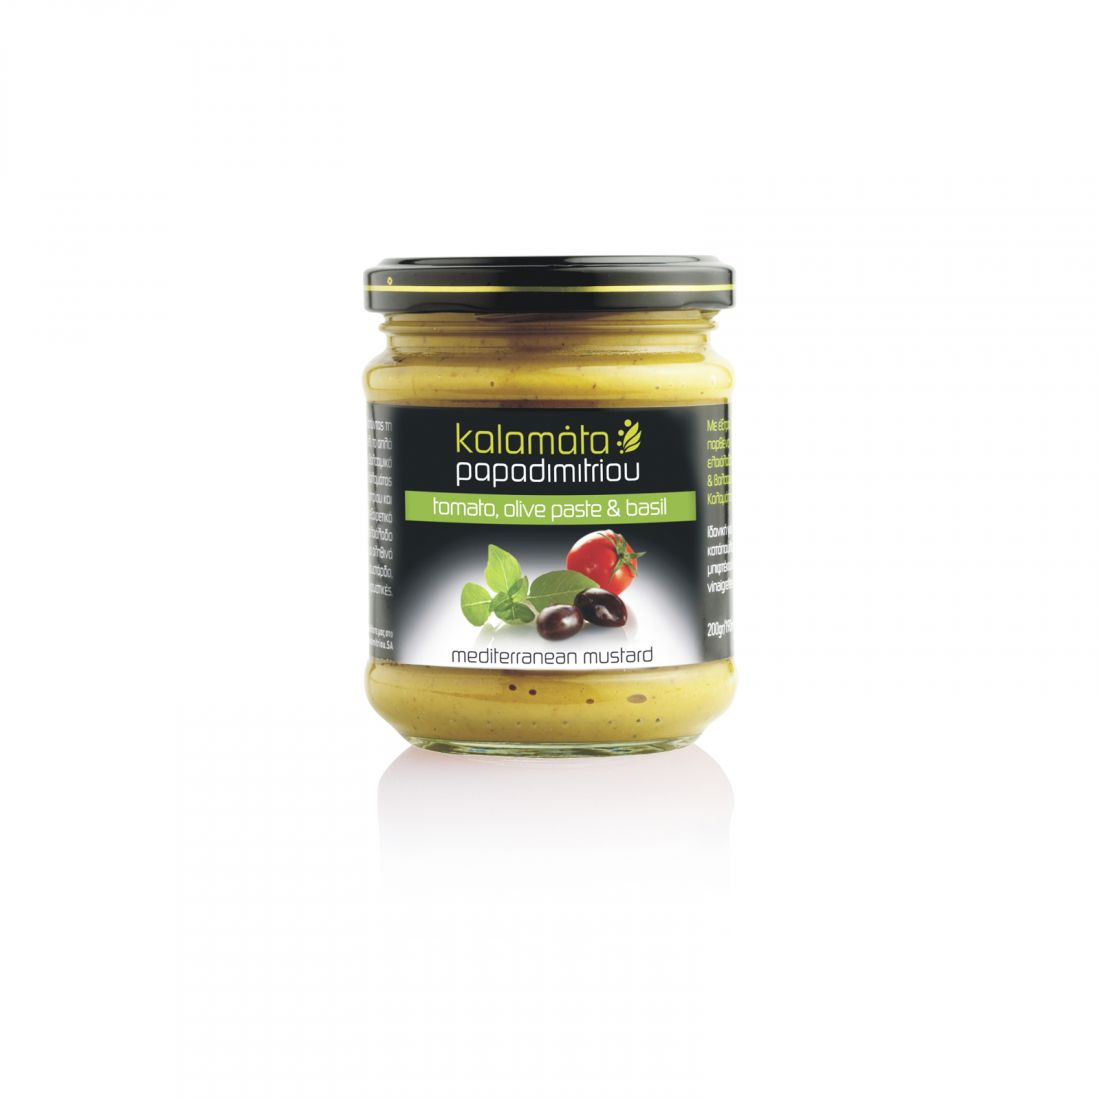 Горчица с оливковой пастой, томатами и базиликом Kalamata Papadimitriou - 200 гр - в стекле